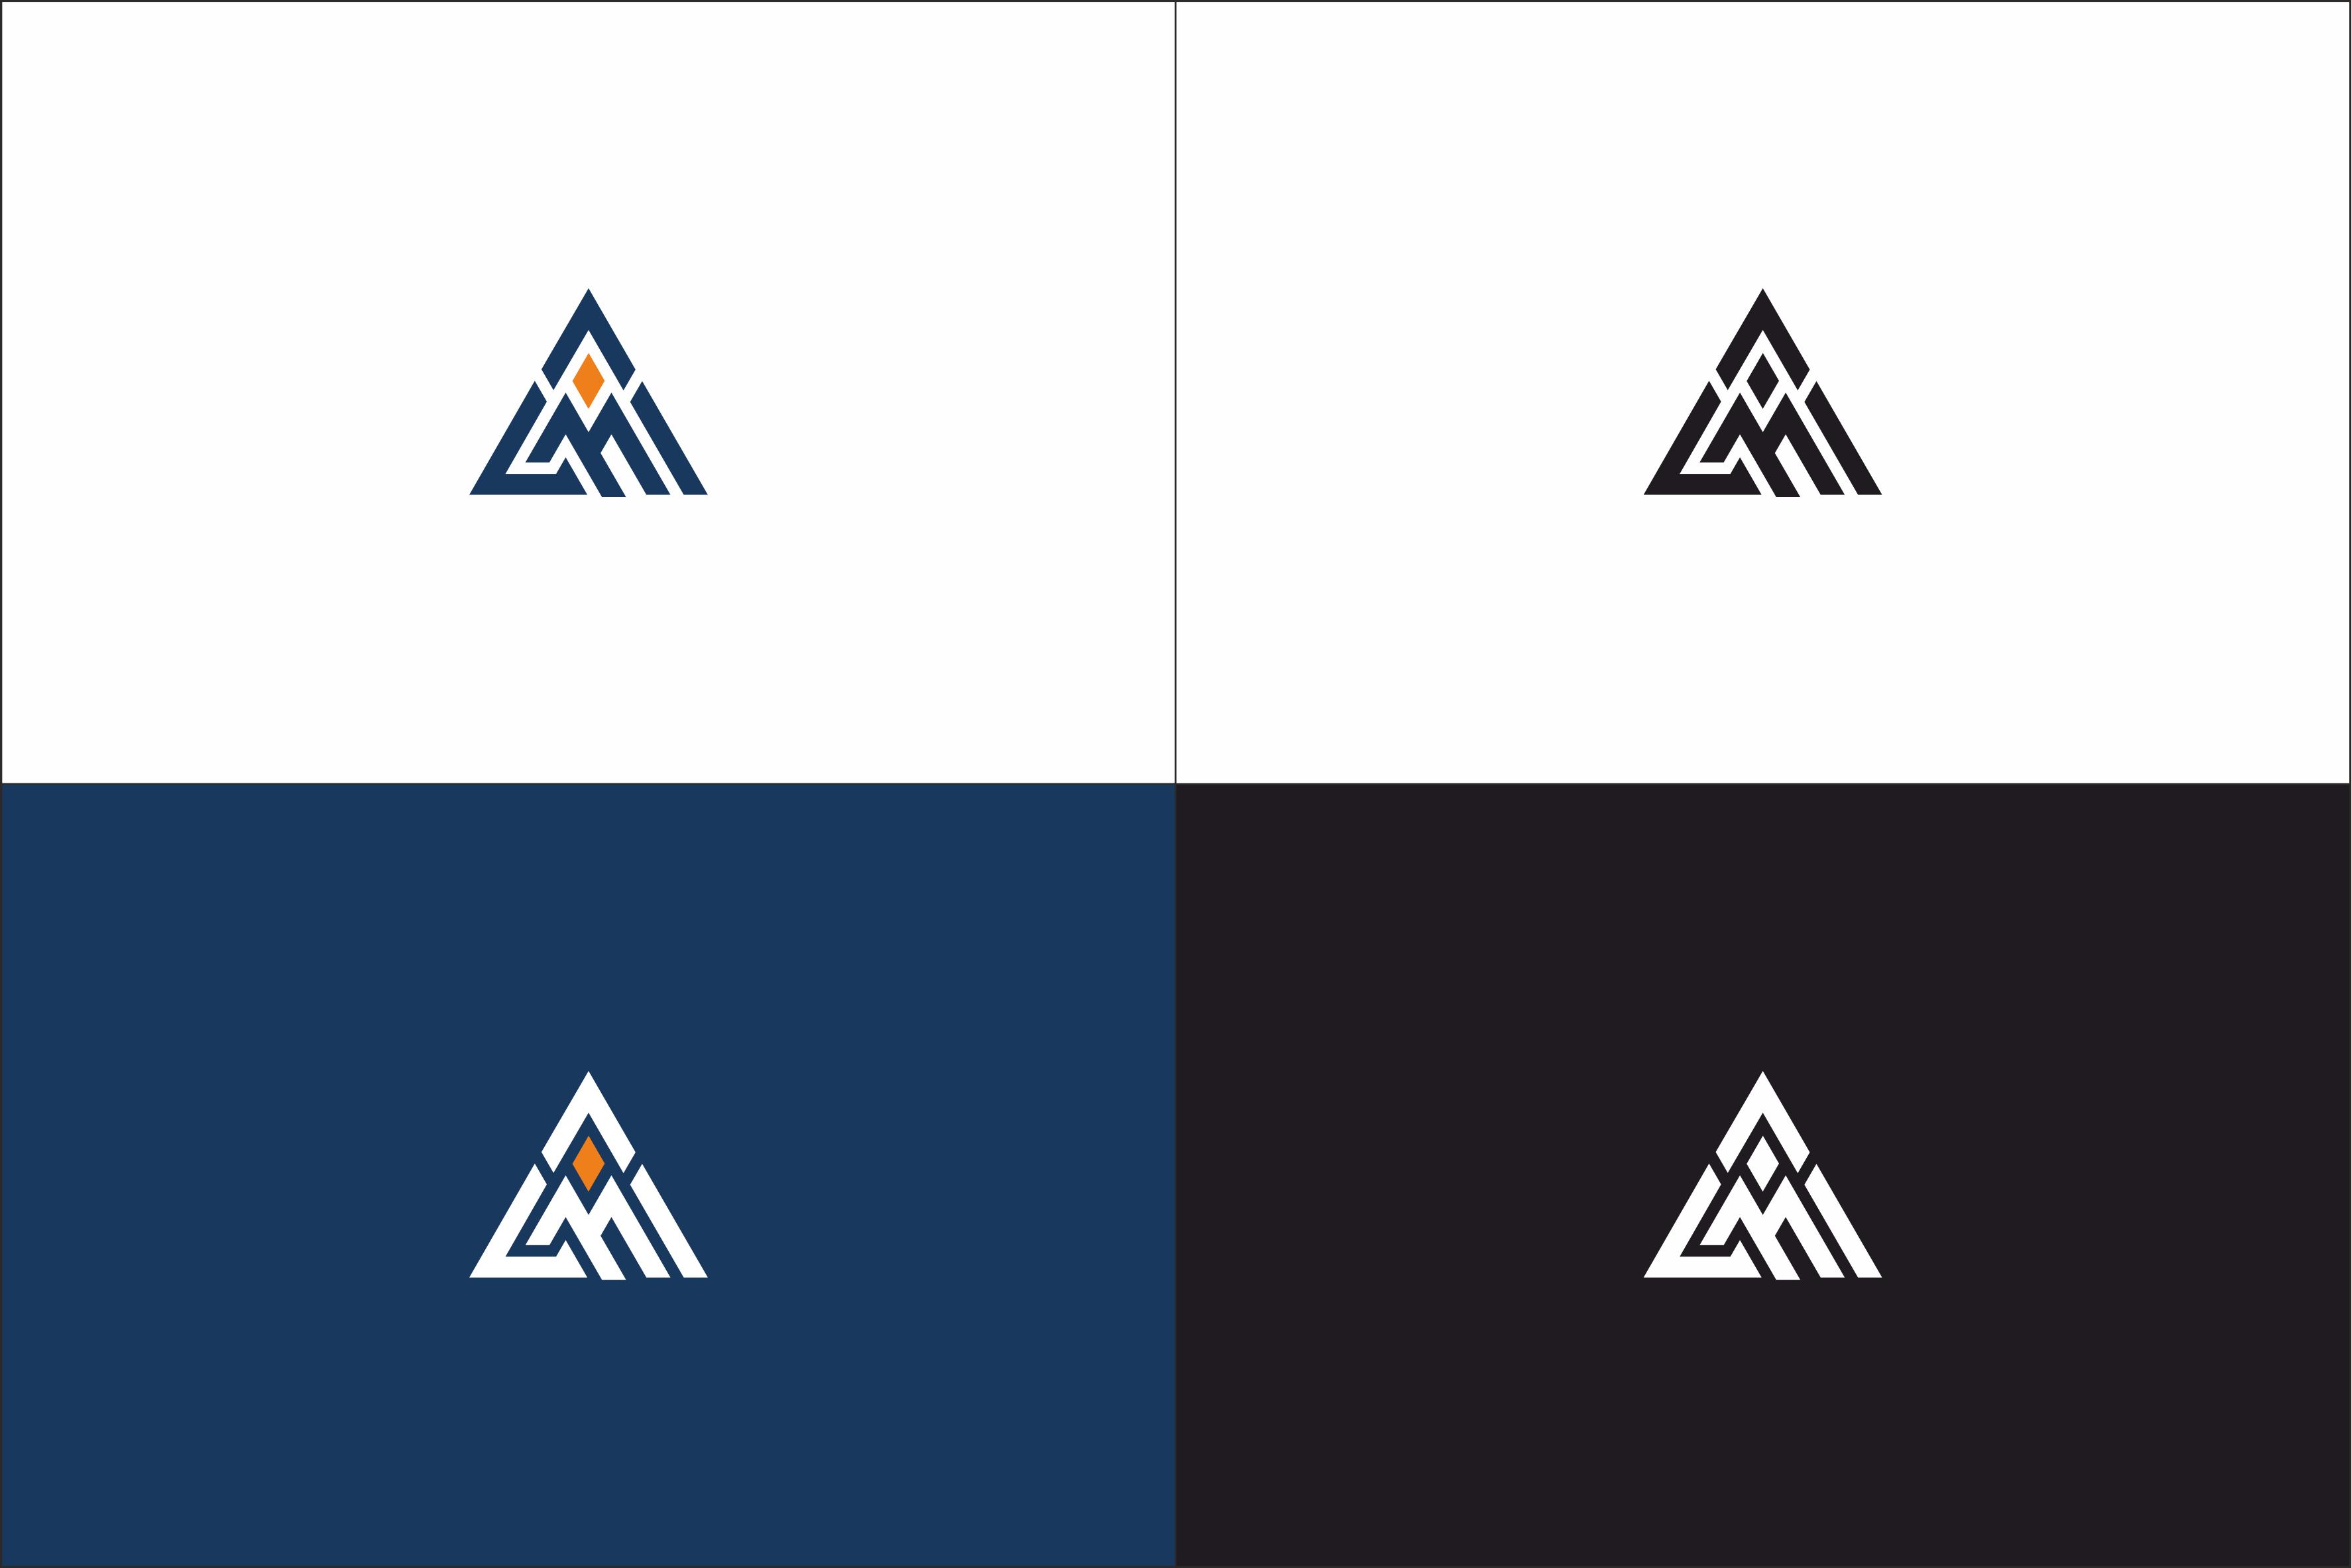 Разработка логотипа и фона фото f_23559940231d87c3.png